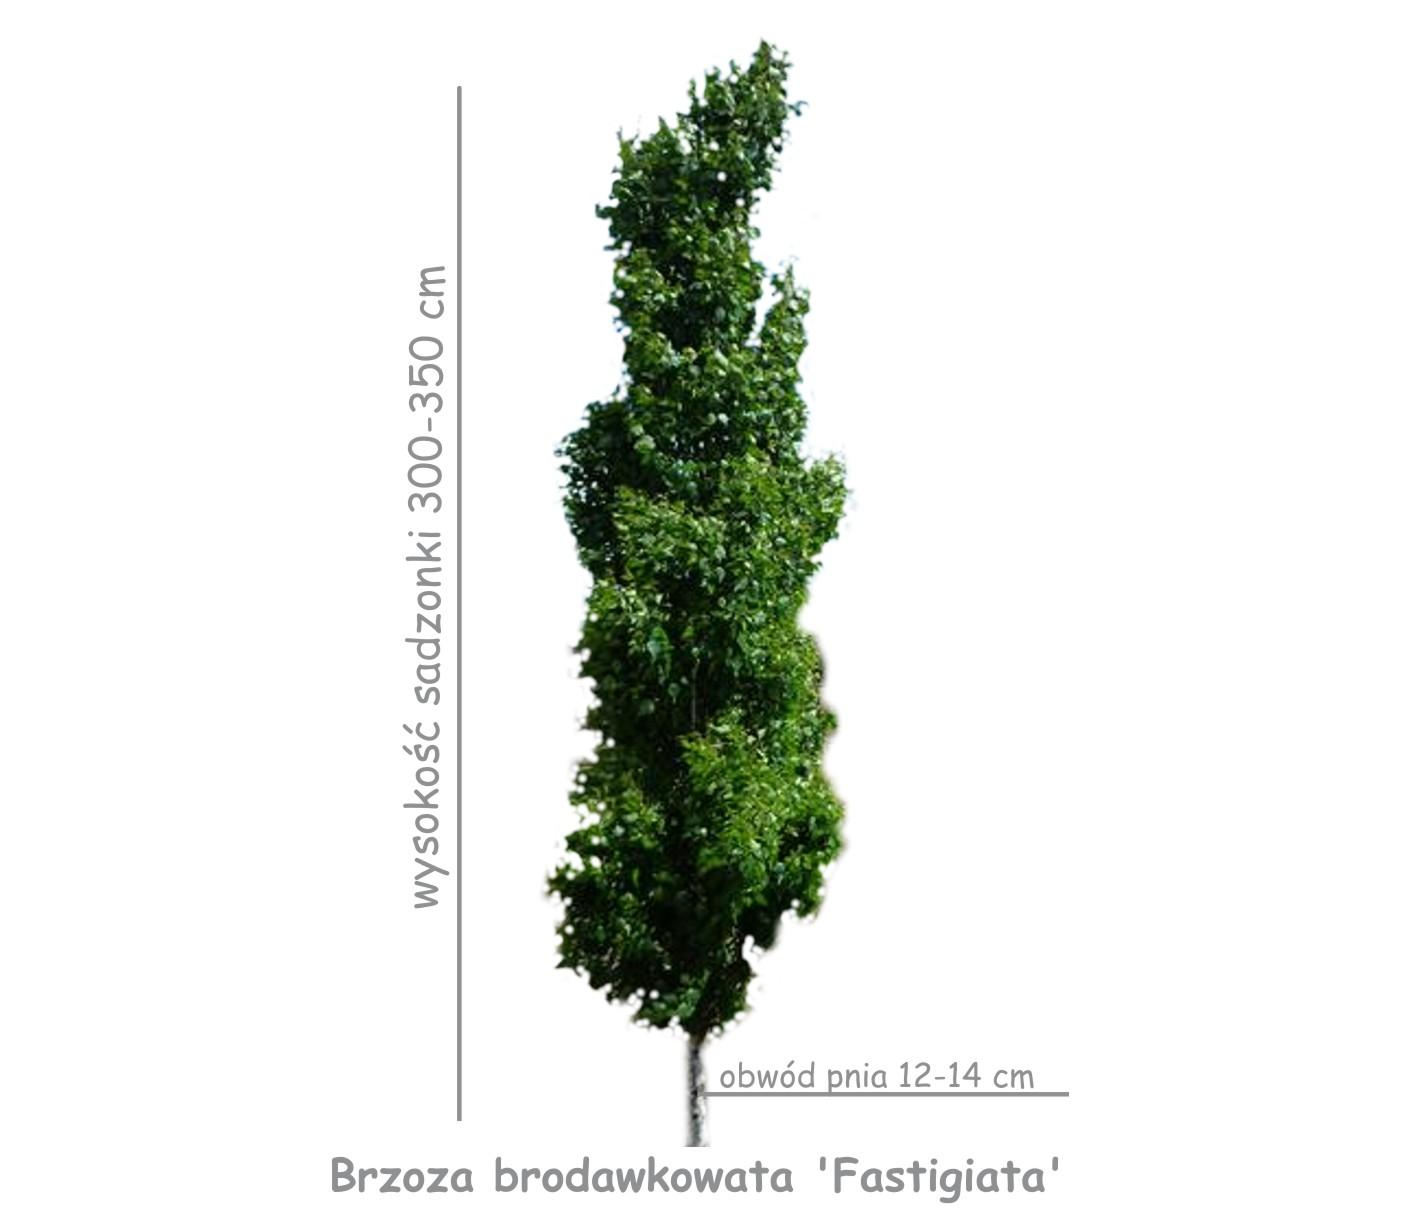 Brzoza brodawkowata 'Fastigiata' (Betula pendula) obwód pnia 12-14 cm.